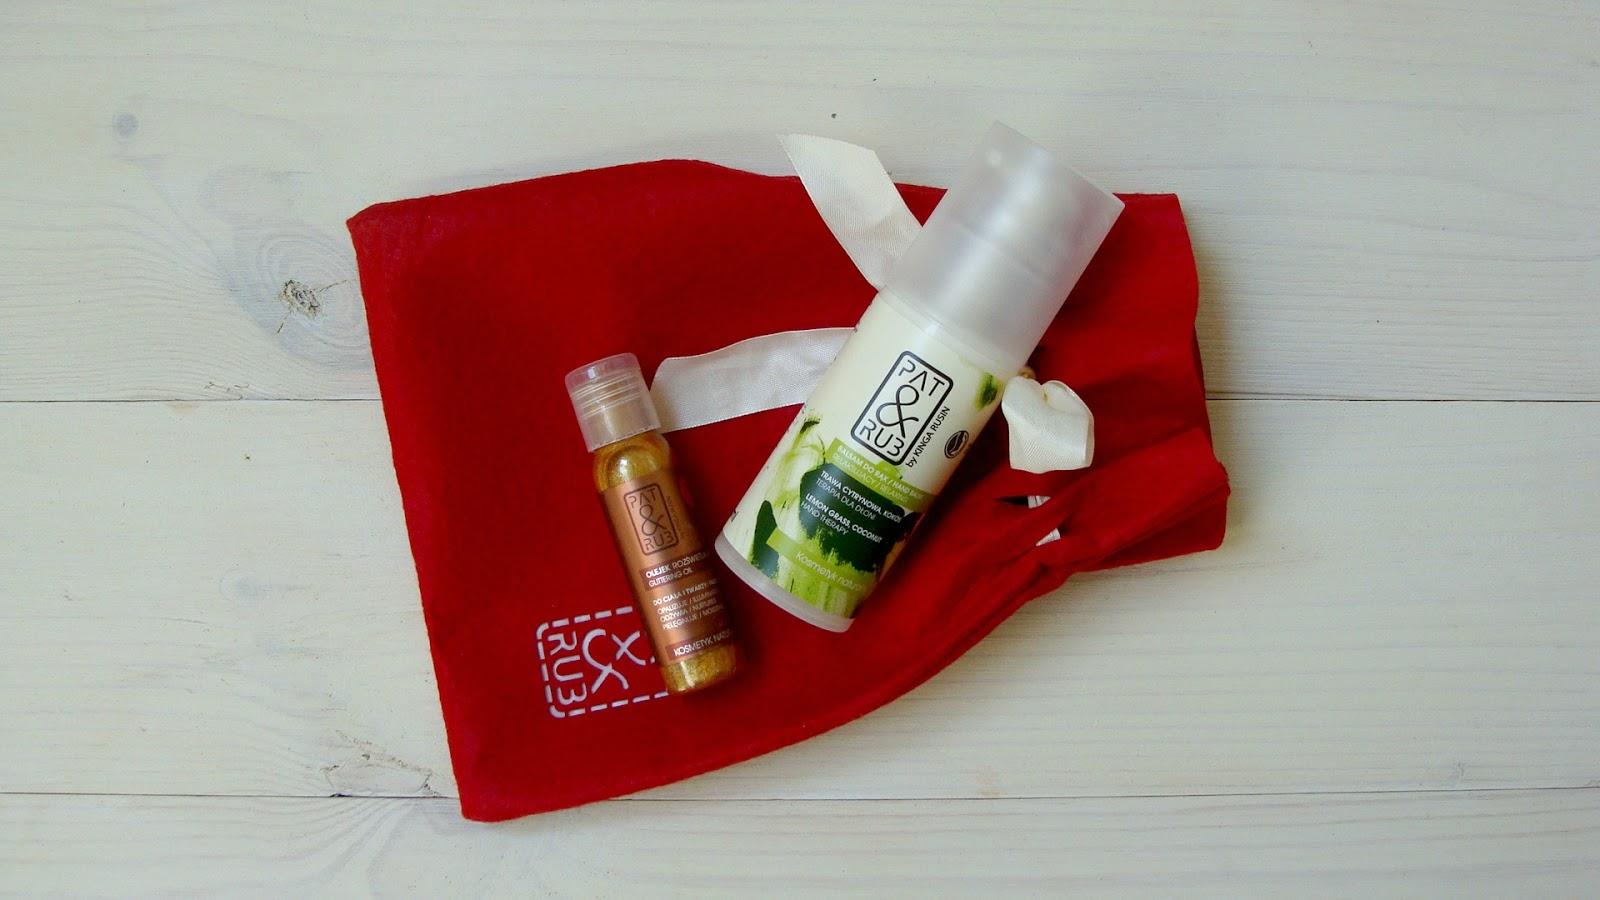 Moi letni ulubieńcy od Pat&Rub, kosmetyki Pat&Rub, kinga rusin, krem do rąk olejek rozświetlający